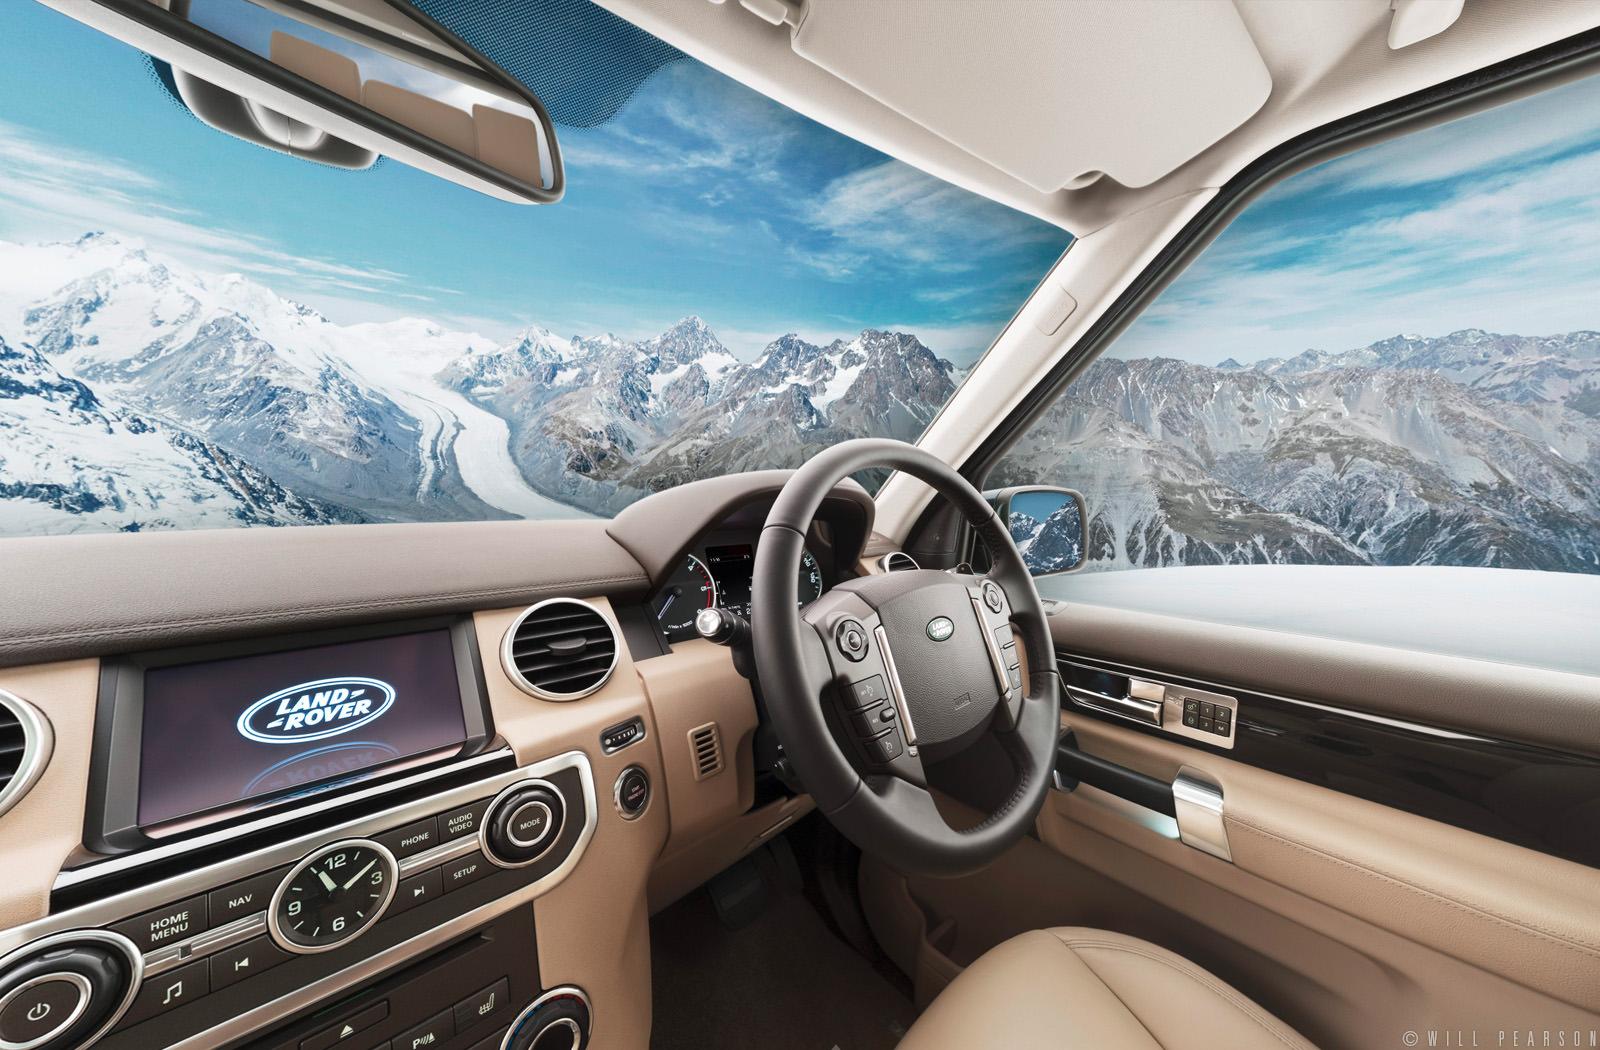 Landrover Discovery: 360 Car Interior